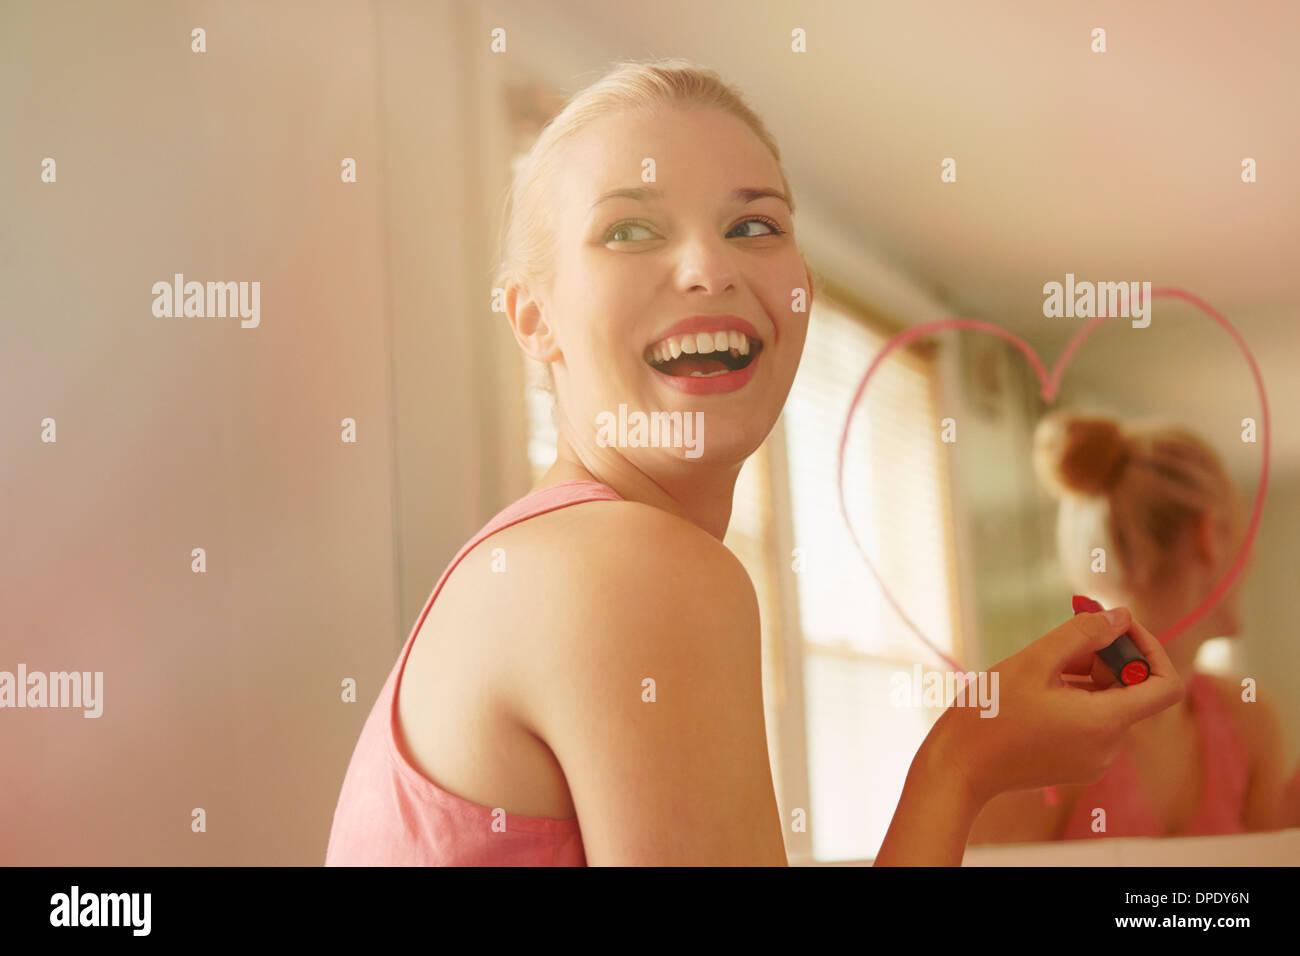 Junge Frau im Badezimmer Spiegel mit Lippenstift Herzform ausgehend Stockfoto